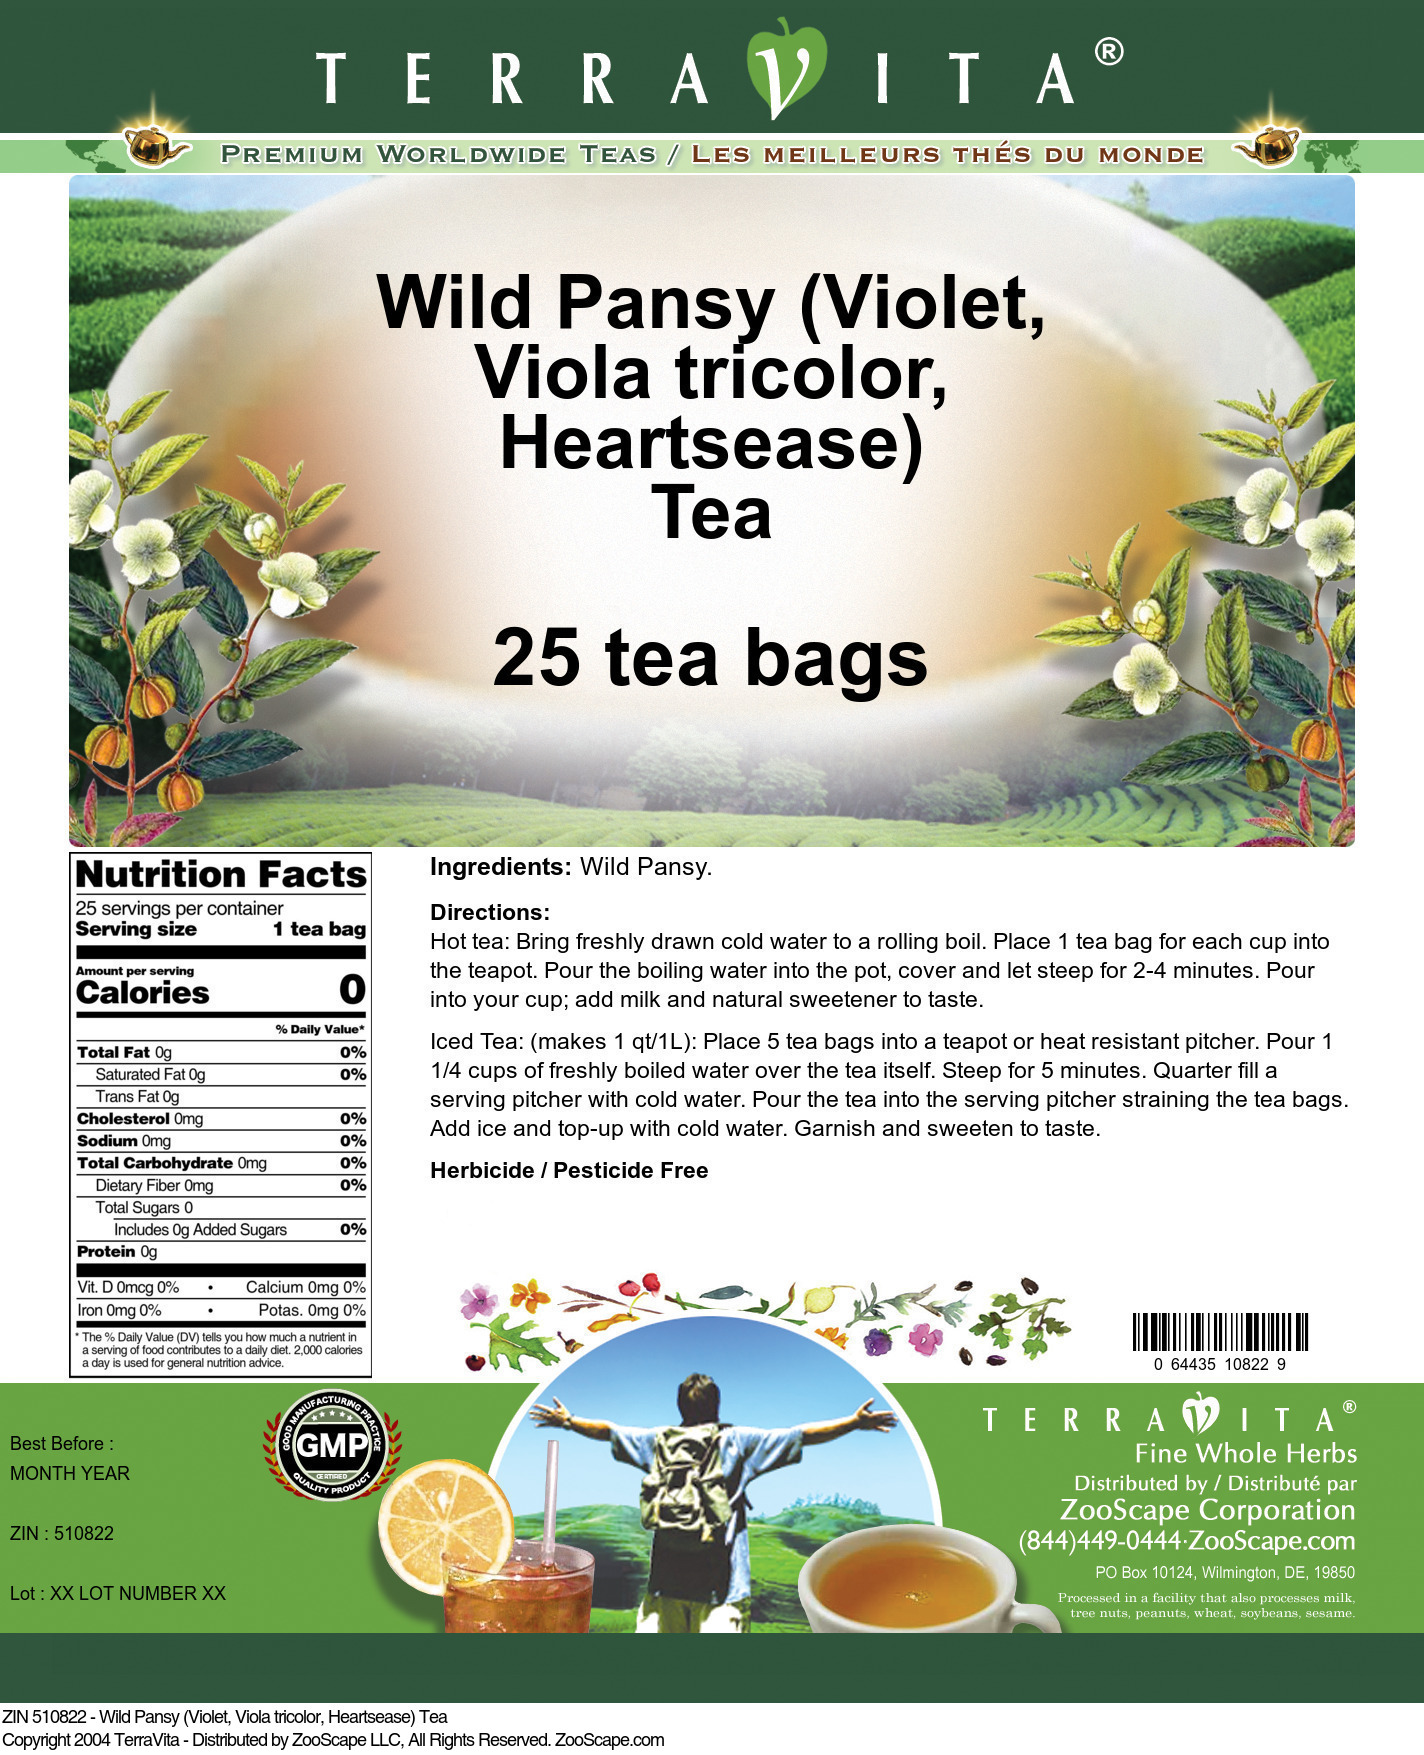 Wild Pansy (Violet, Viola tricolor, Heartsease) Tea